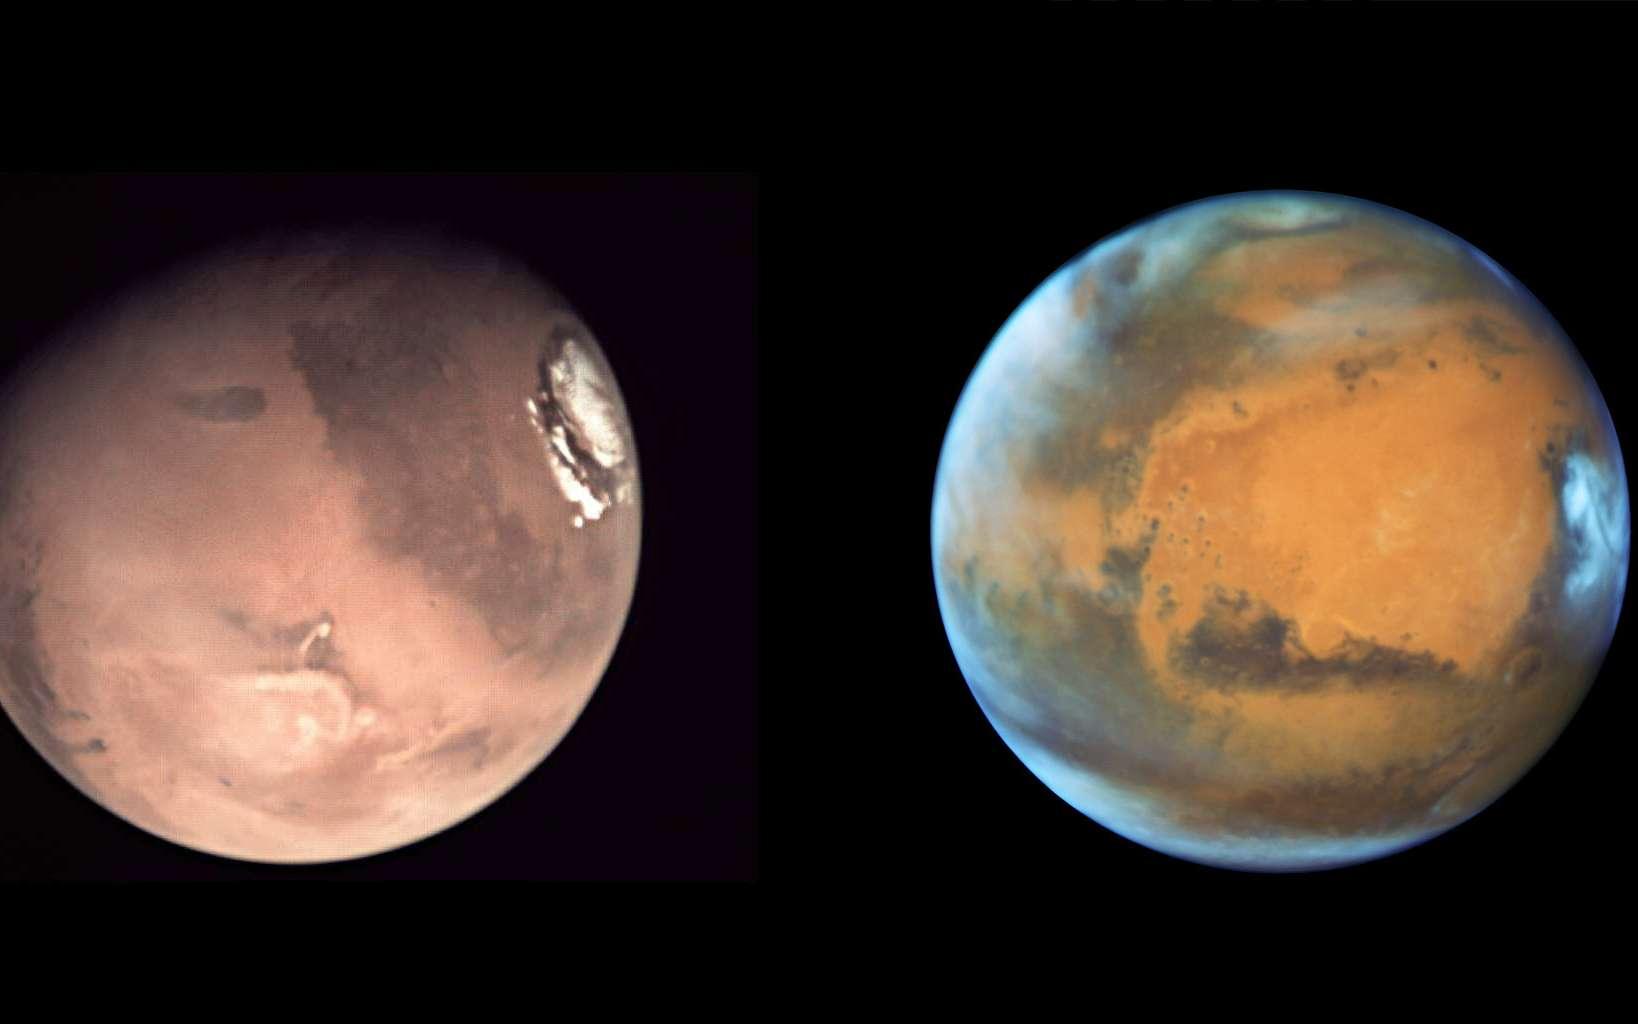 Deux images de Mars acquises en mai 2016, celle de gauche par le télescope spatial Hubble, alors situé à près de 76 millions de kilomètres de la Planète rouge, et celle de droite par une petite caméra de la sonde Mars Express, alors située à plusieurs centaines de kilomètres du sol martien. © Esa, Nasa